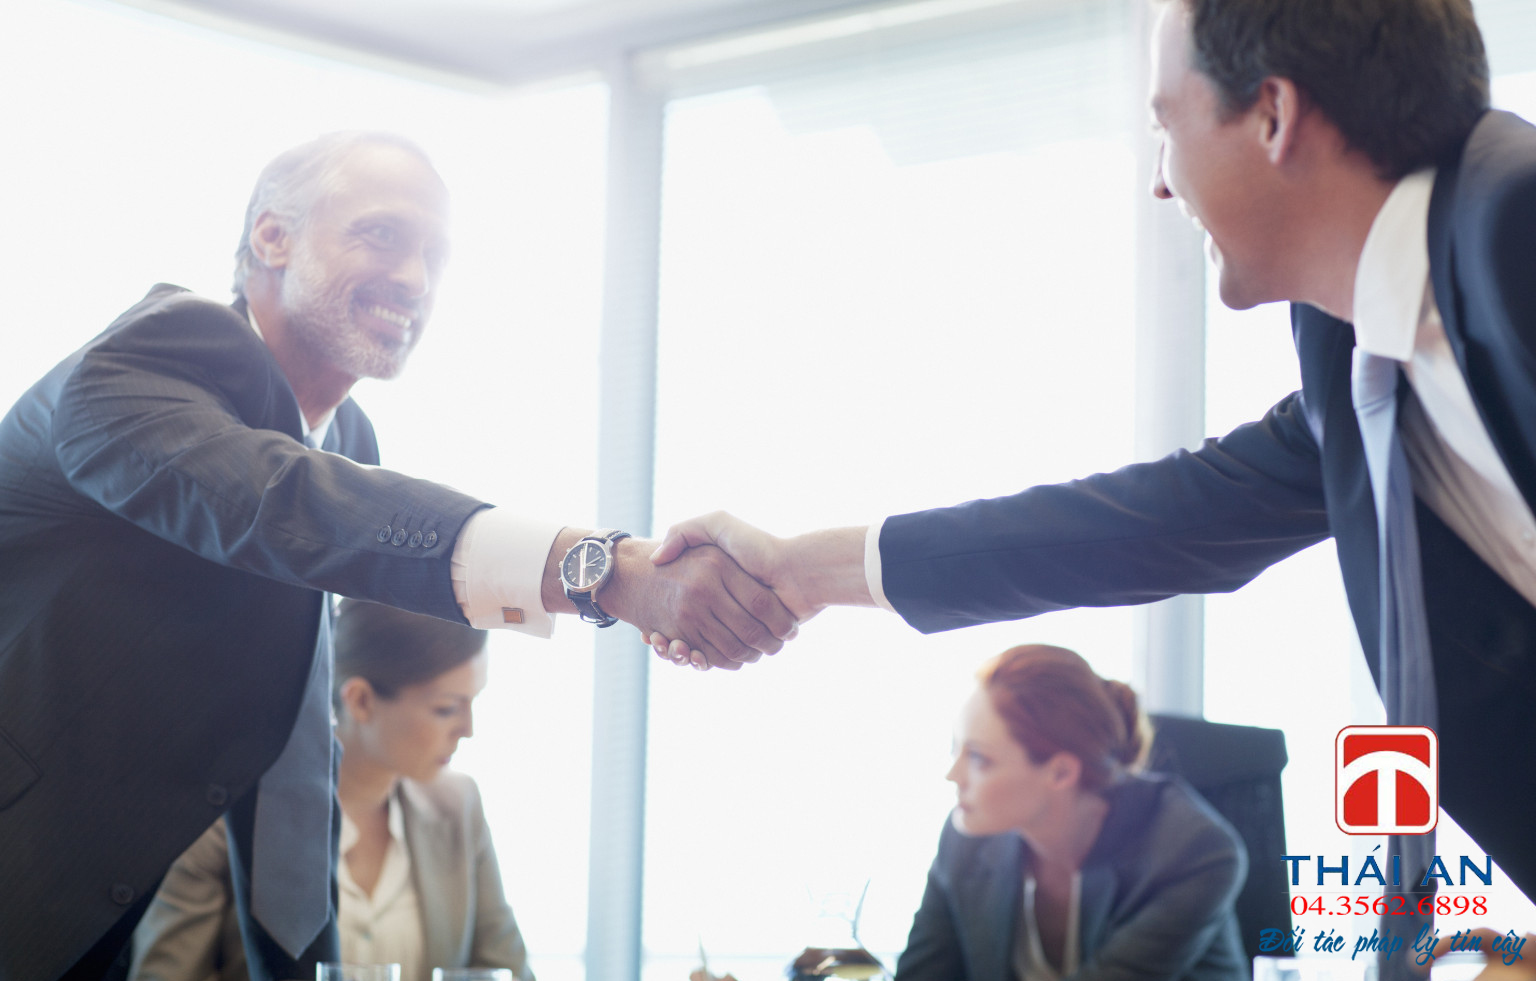 Làm gì để lựa chọn được nhà đầu tư tốt nhất?